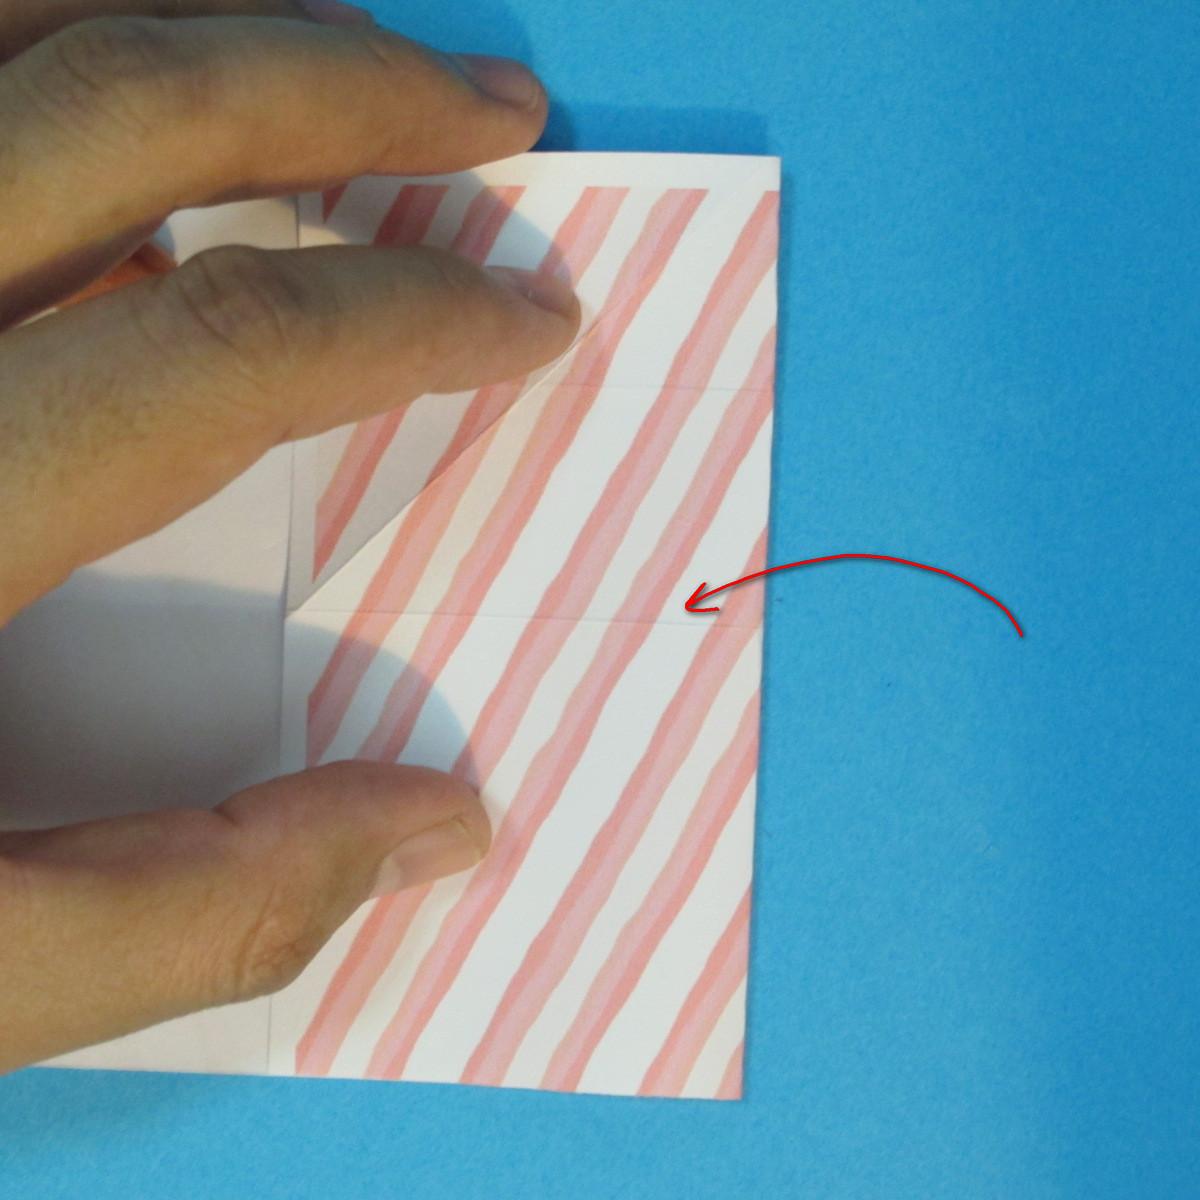 วิธีพับกล่องกระดาษรูปหัวใจส่วนฐานกล่อง 012